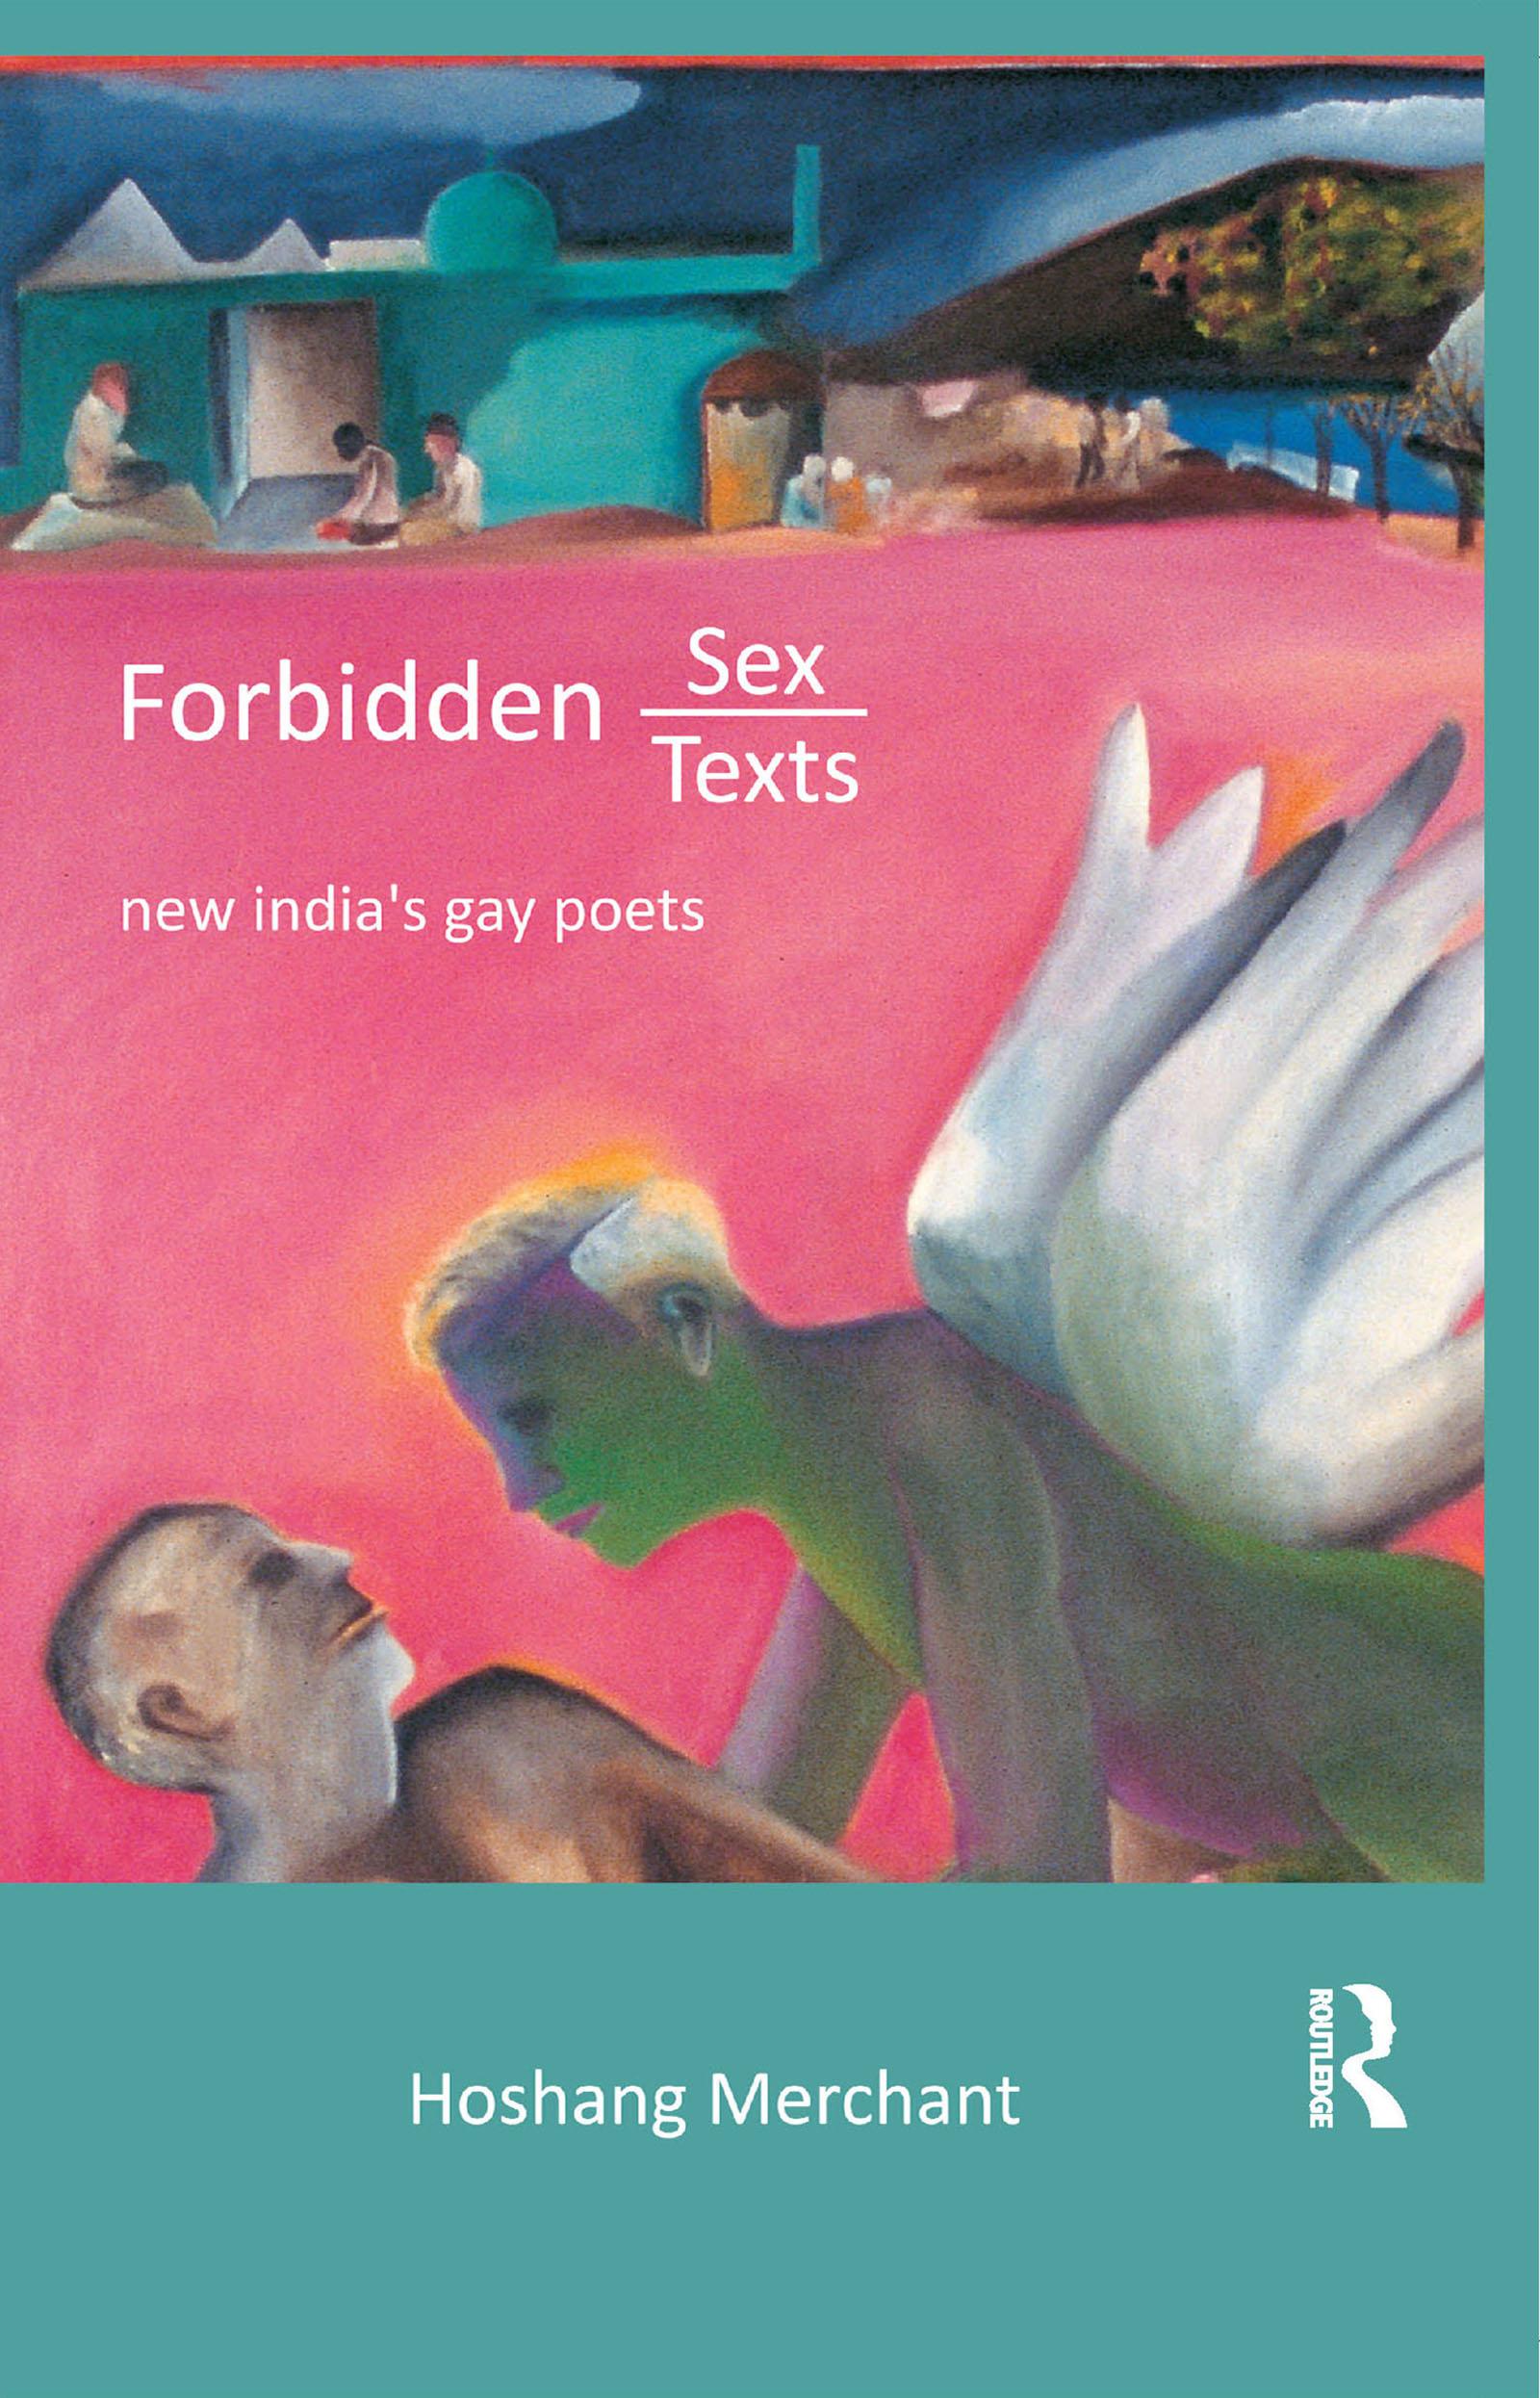 Hindi Gay                                 Literature